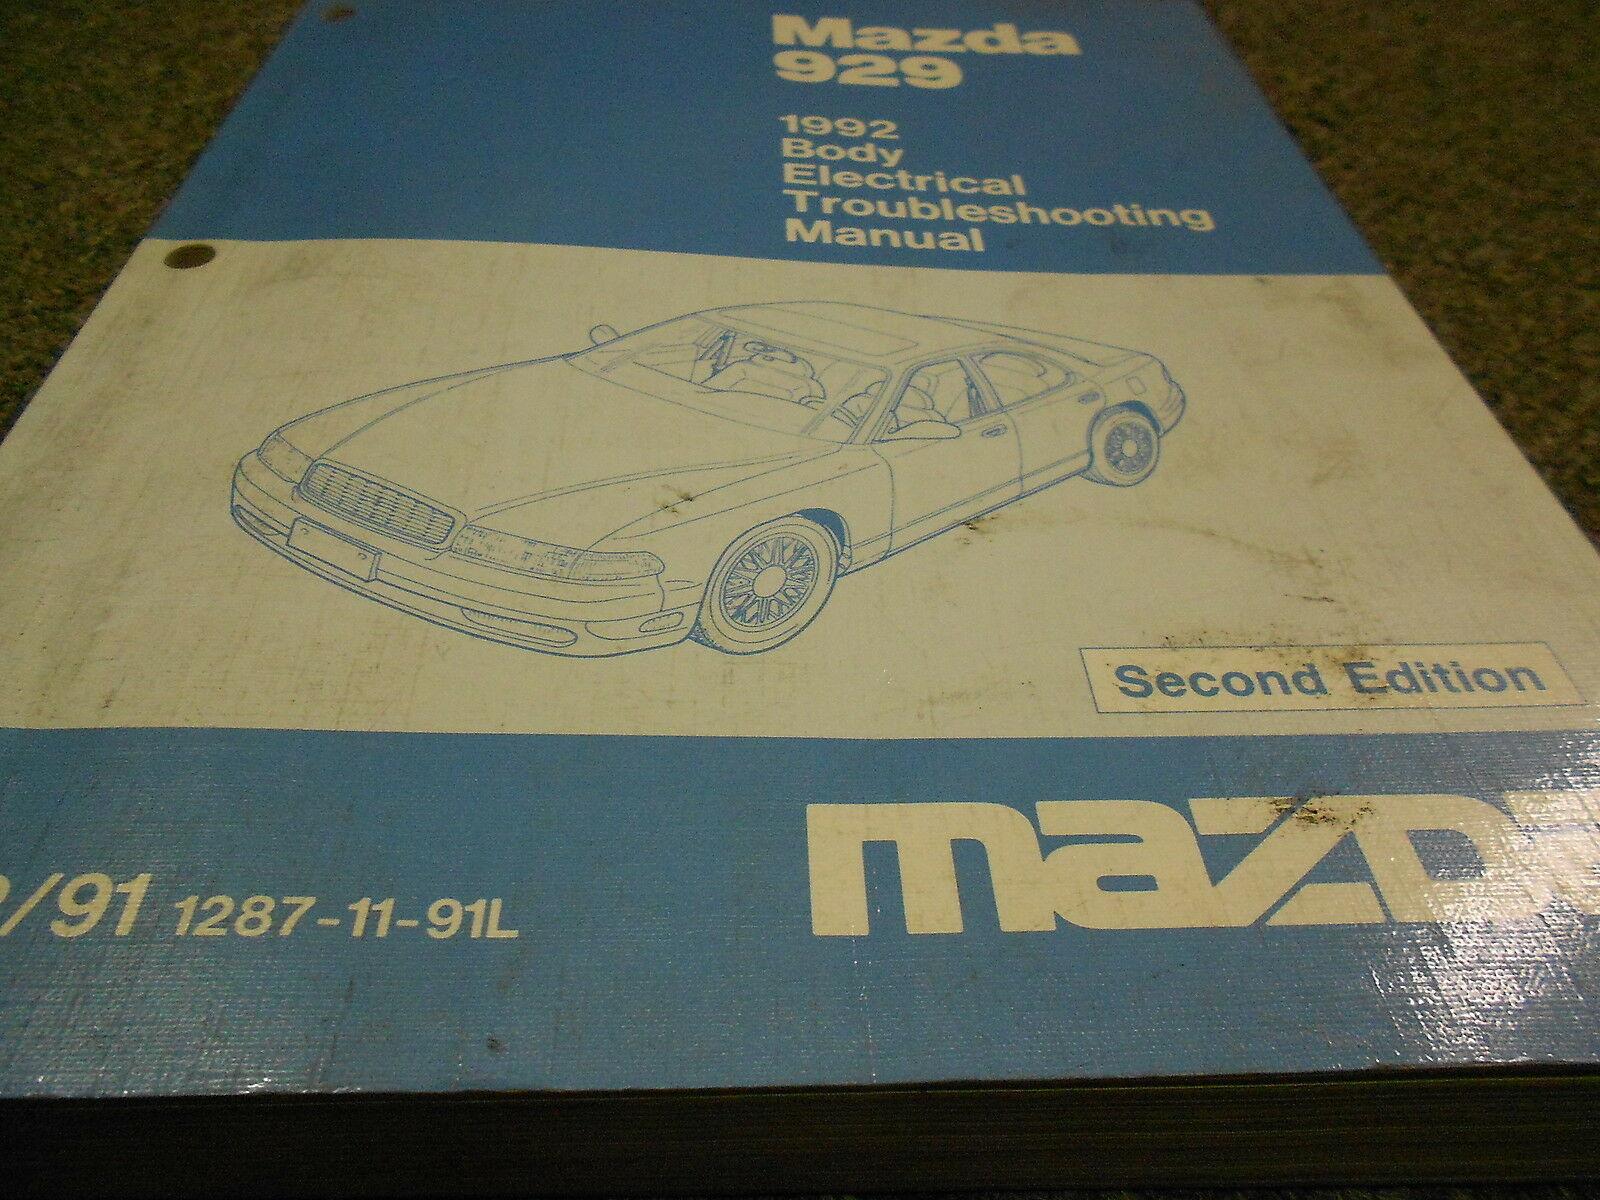 1992 Mazda 929 Körper Elektrisch Wiring Troubleshooting Service Manuell 92